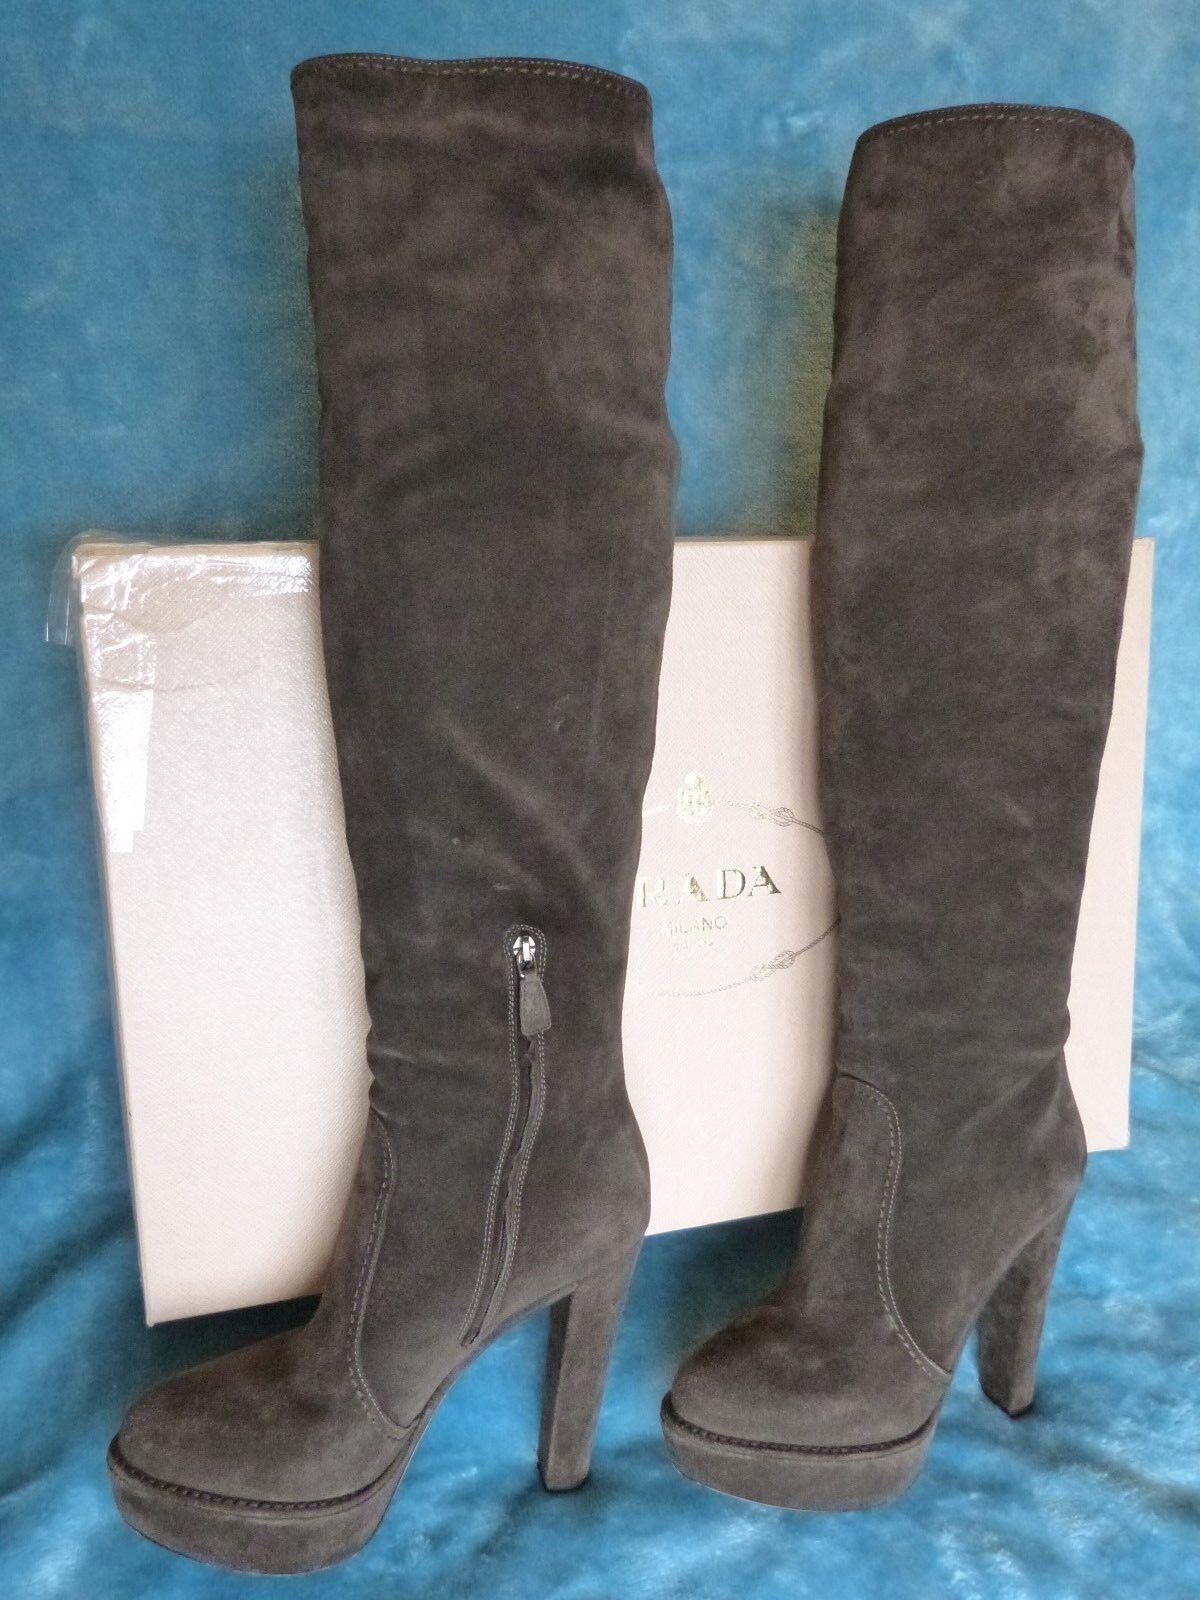 Prada Prada Prada Marrón Suede sobre la rodilla botas talla 40  Web oficial